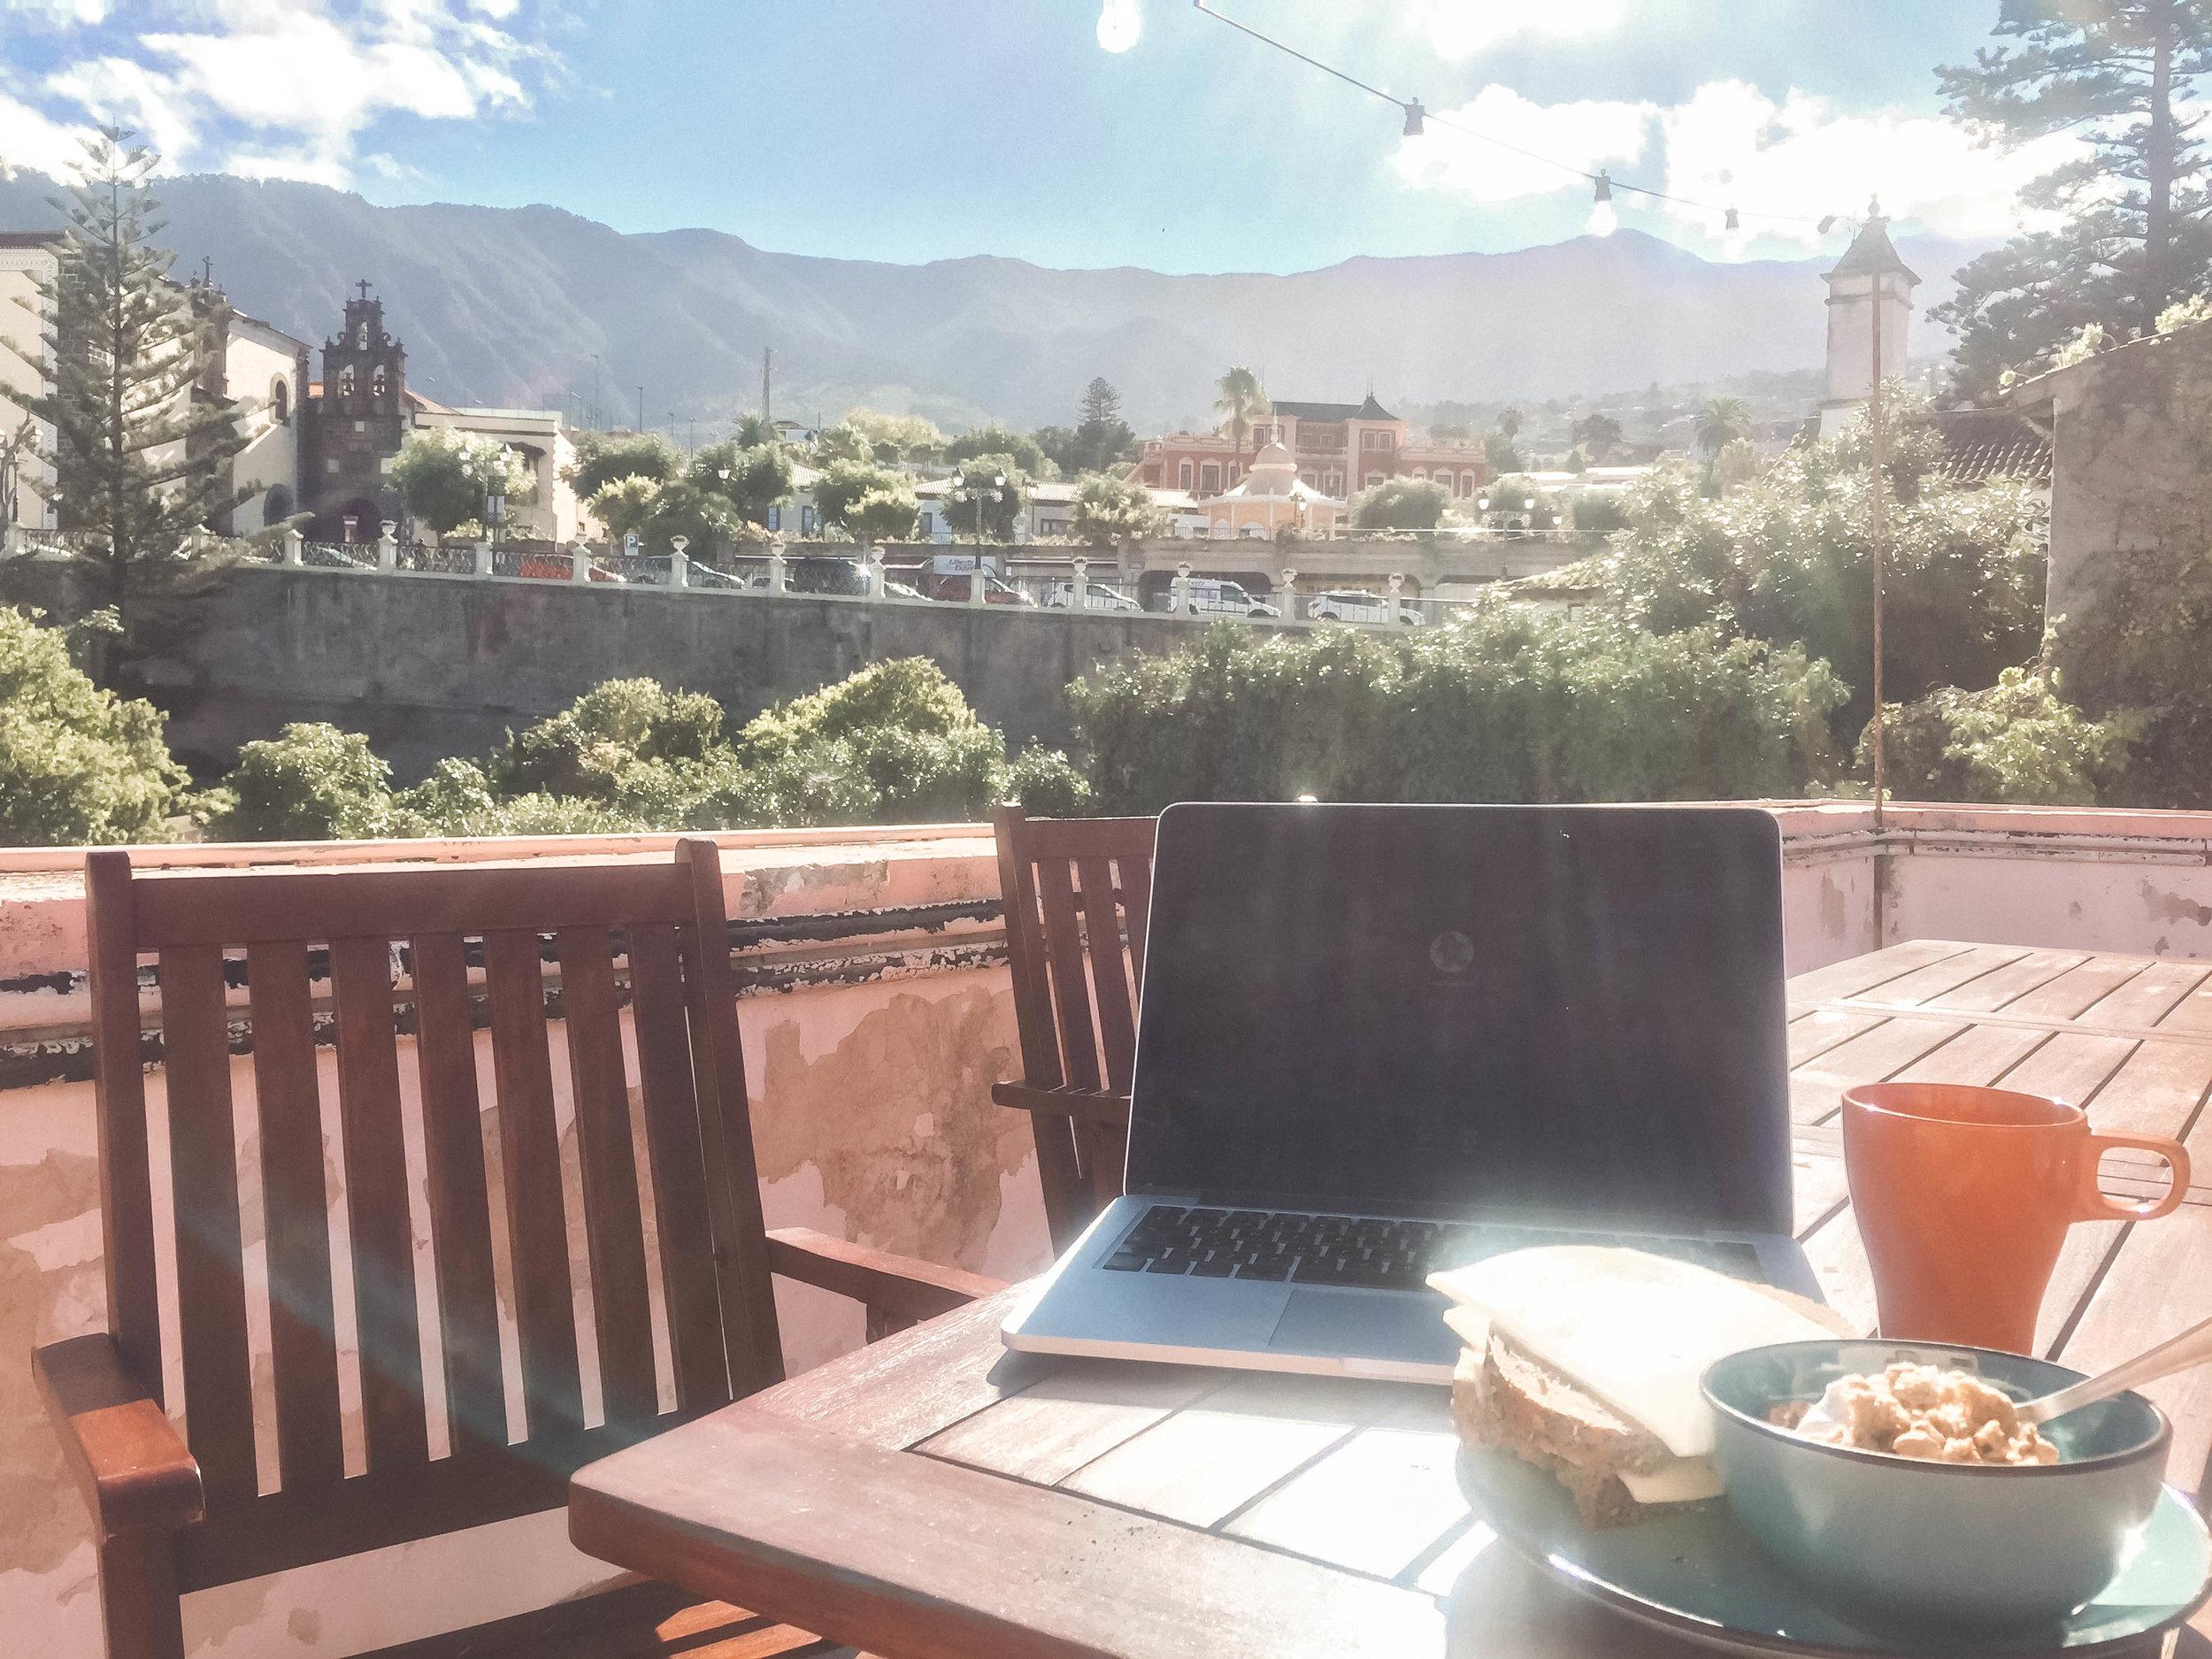 work-rooftop-nine-coliving (1 of 1).jpg